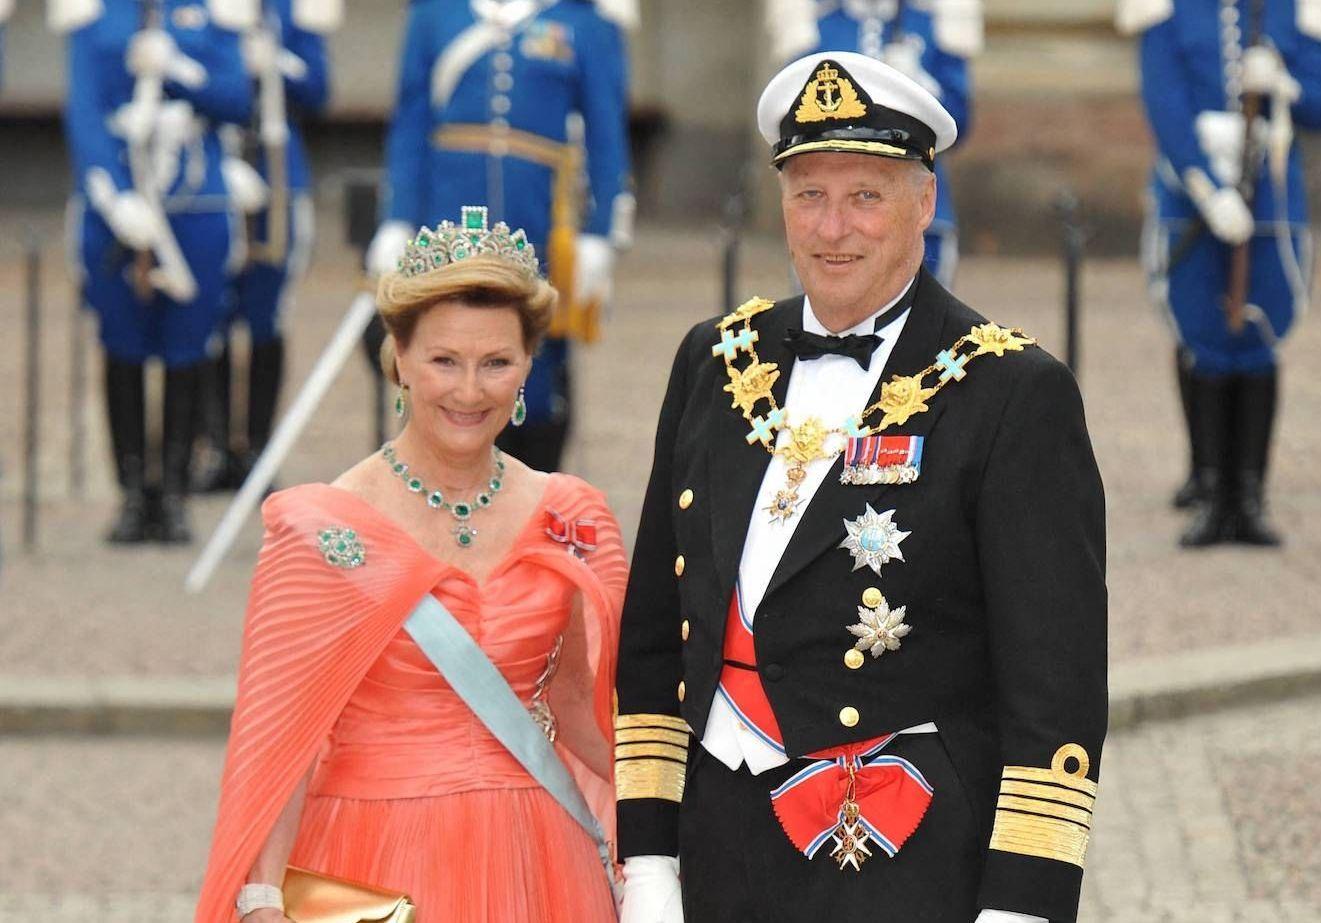 Mariage royal : Harald V de Norvège et Sonja Haraldsen, le prince et la roturière - Elle